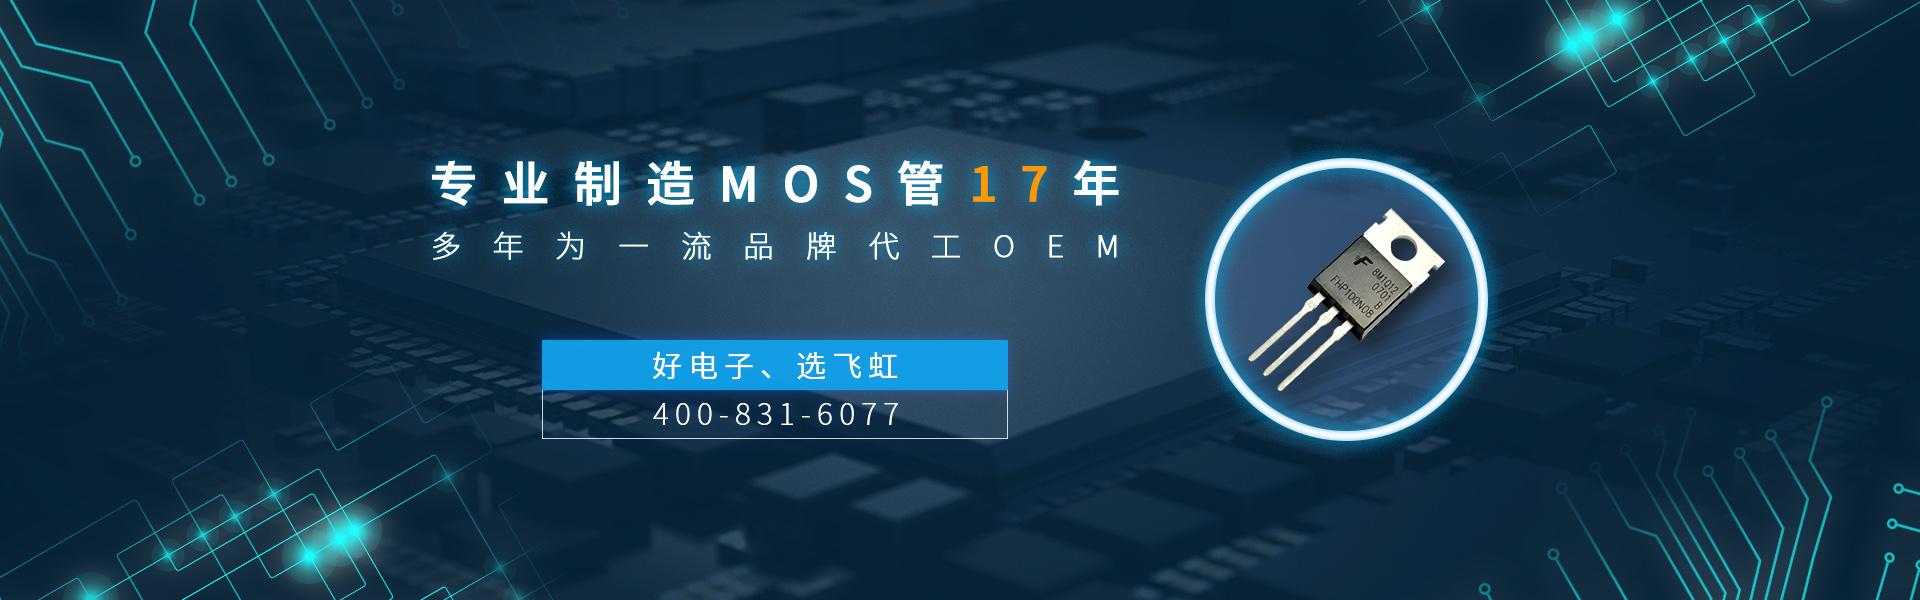 广zhoumosguanchang紋i?8luck电子,17年专业制造经验